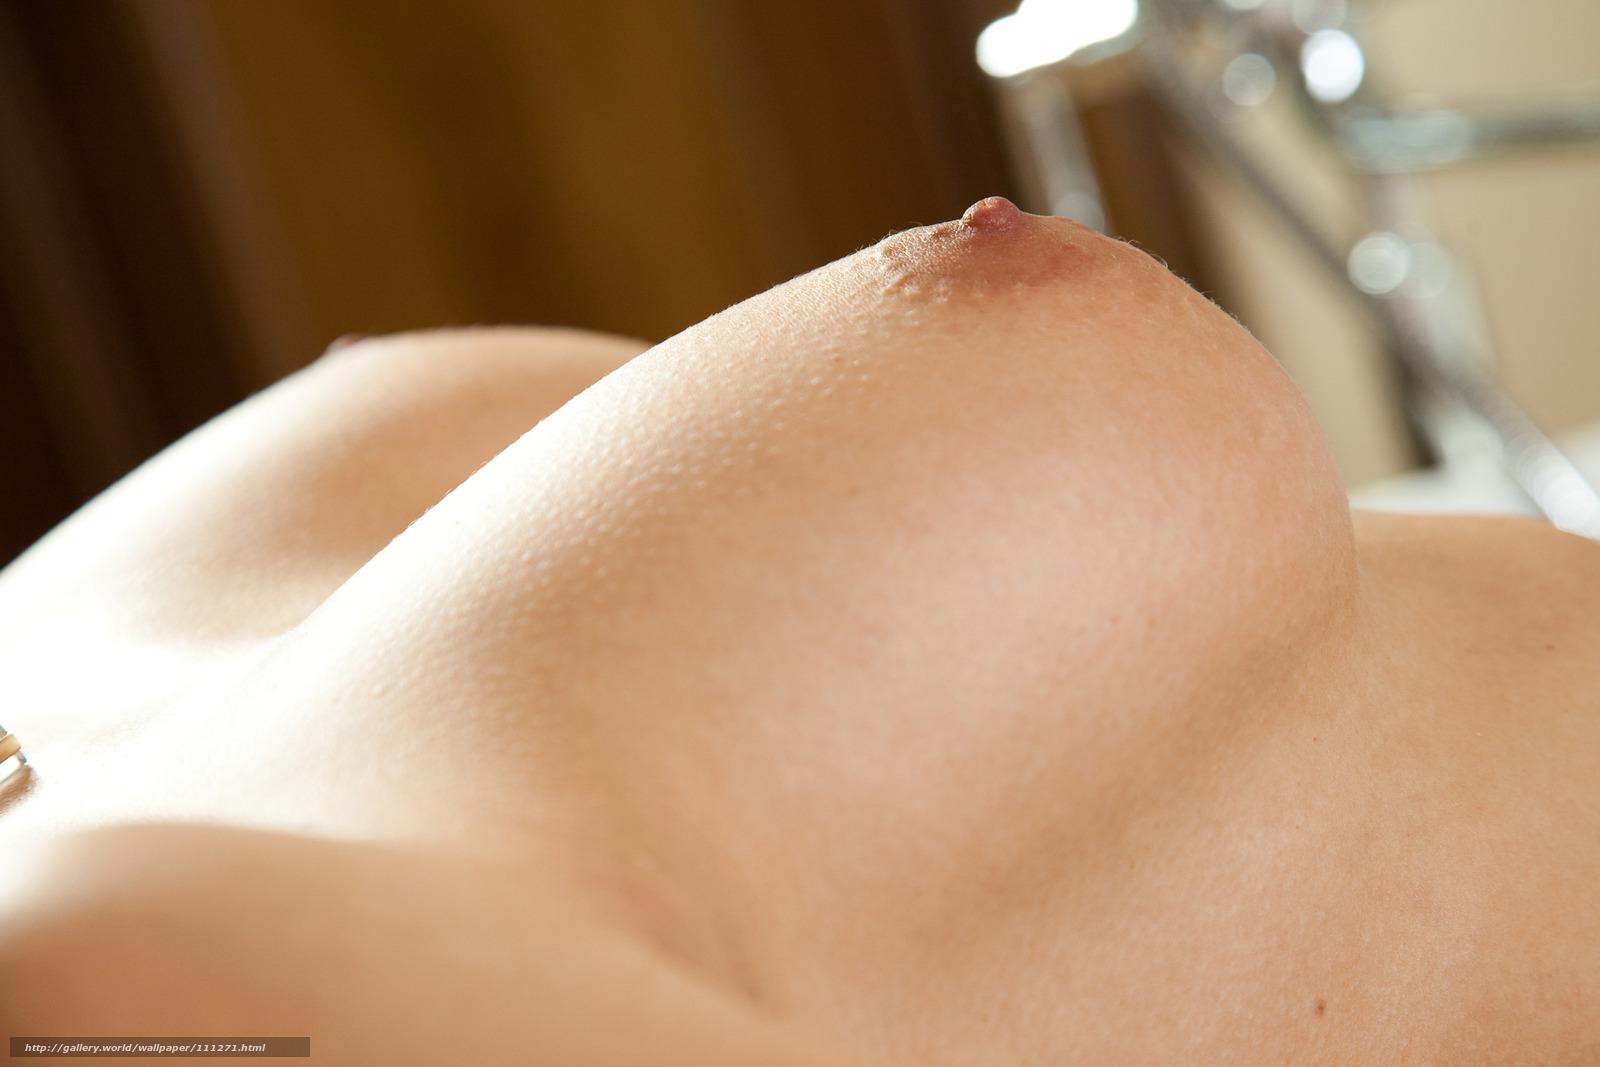 Фото форма женских сосков 25 фотография